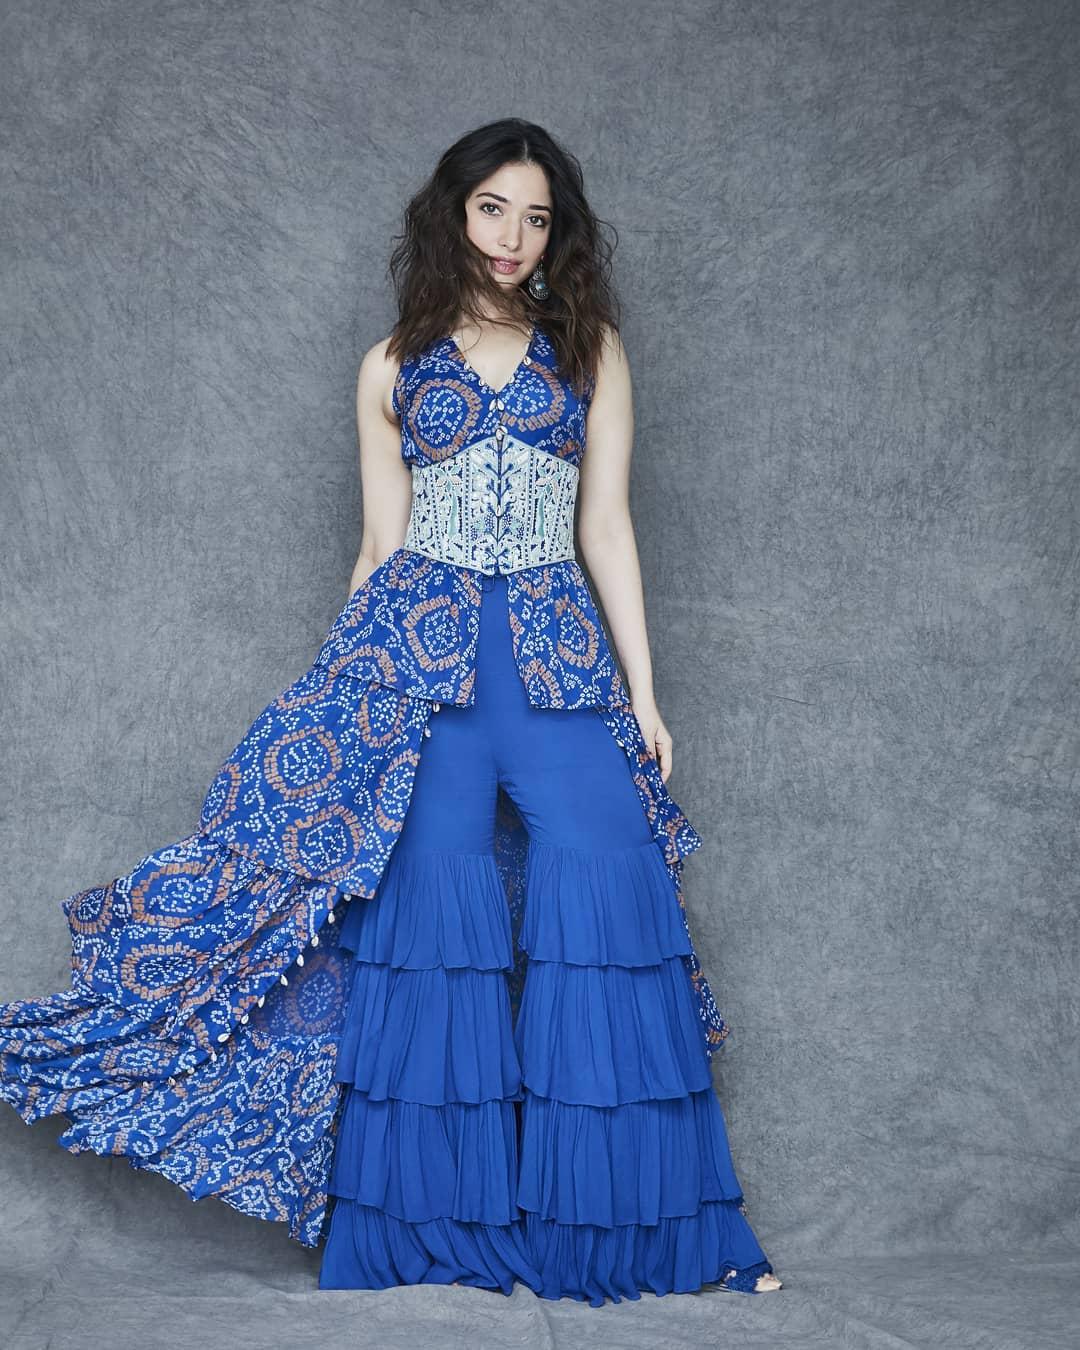 नेवी-ब्लू इंडो-वेस्टर्न ड्रेस